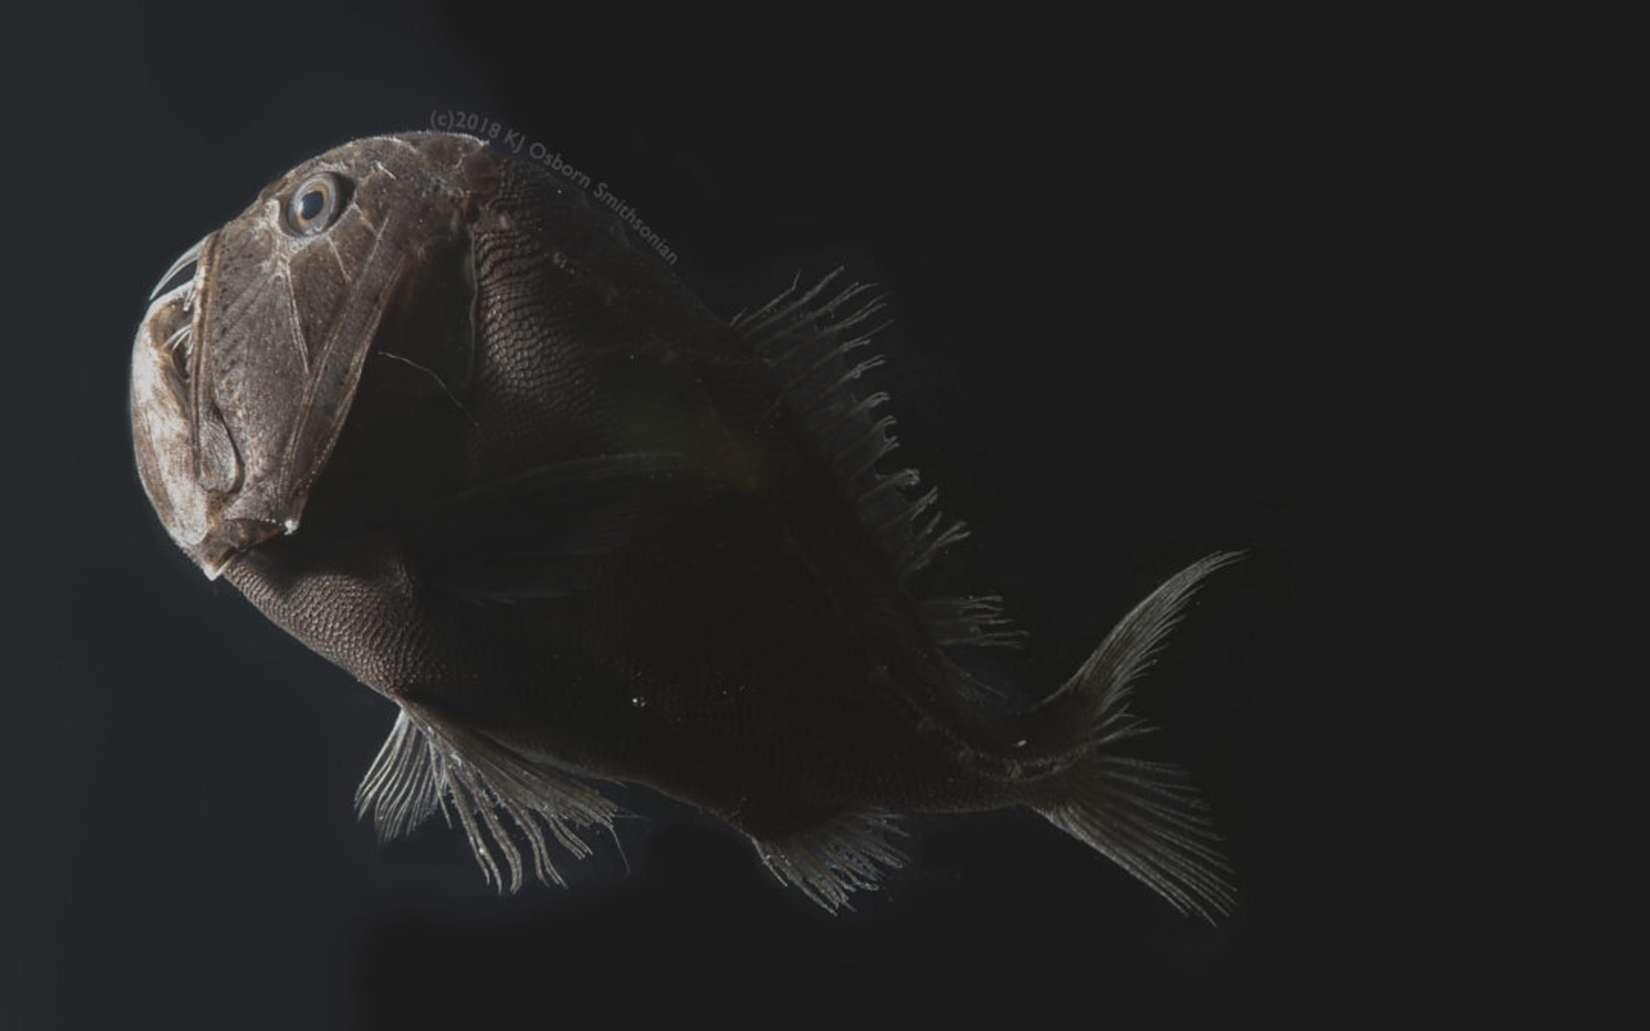 Dans les abysses, certains poissons ont une peau si noire qu'elle leur permet d'être invisible dans les eaux. © Karen Osborn, Smithsonian